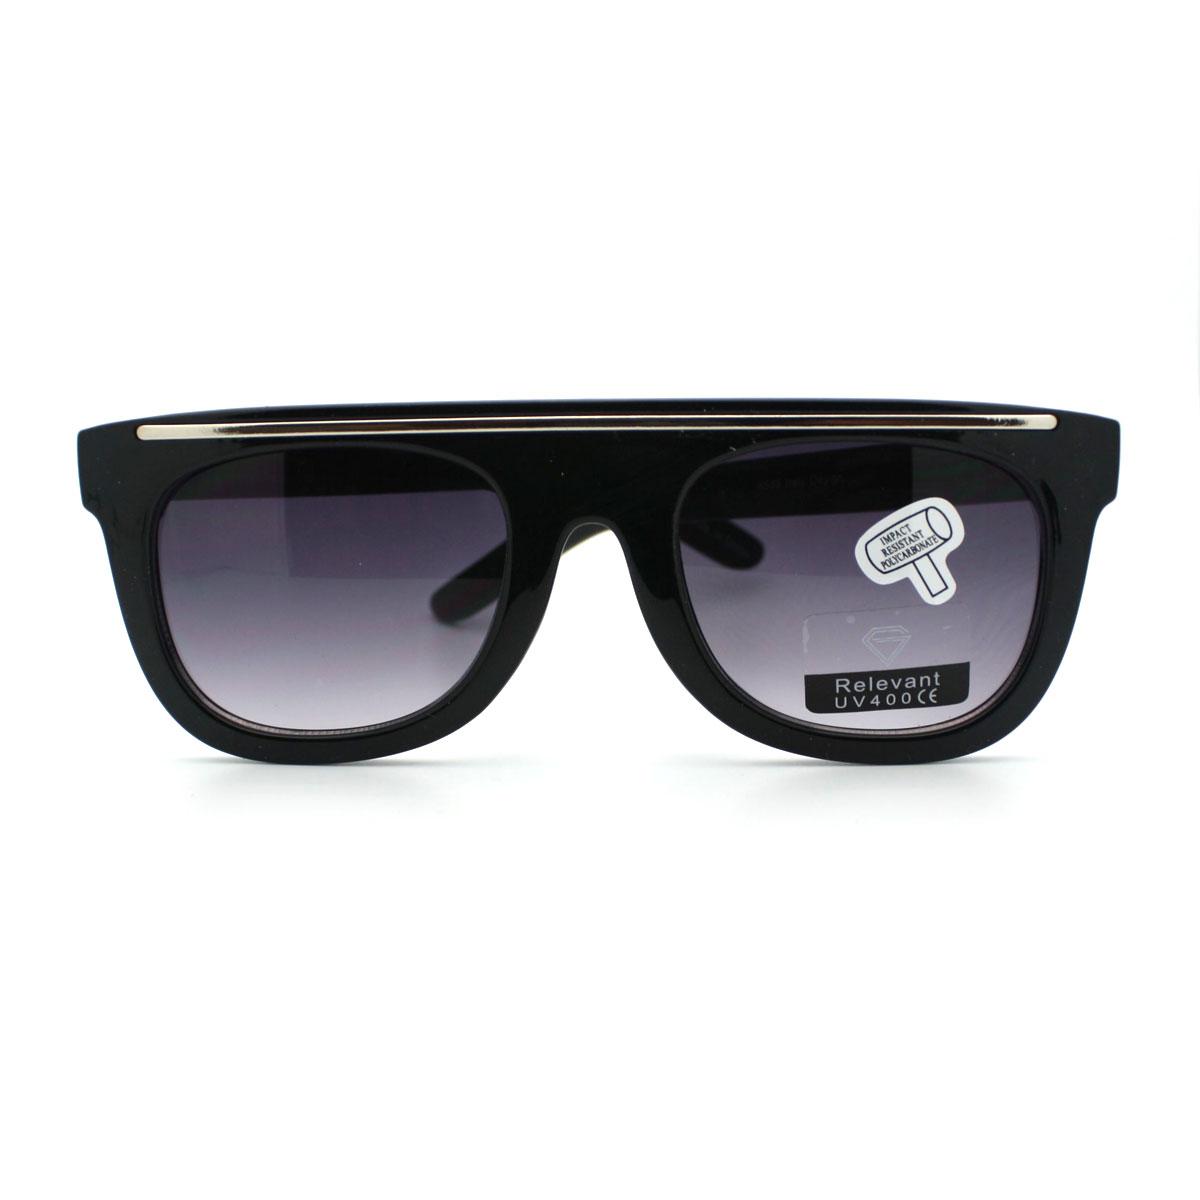 7bc23f74732 Metal Bar Trim Flat Top Horn Rimmed Sunglasses New Retro Design ...